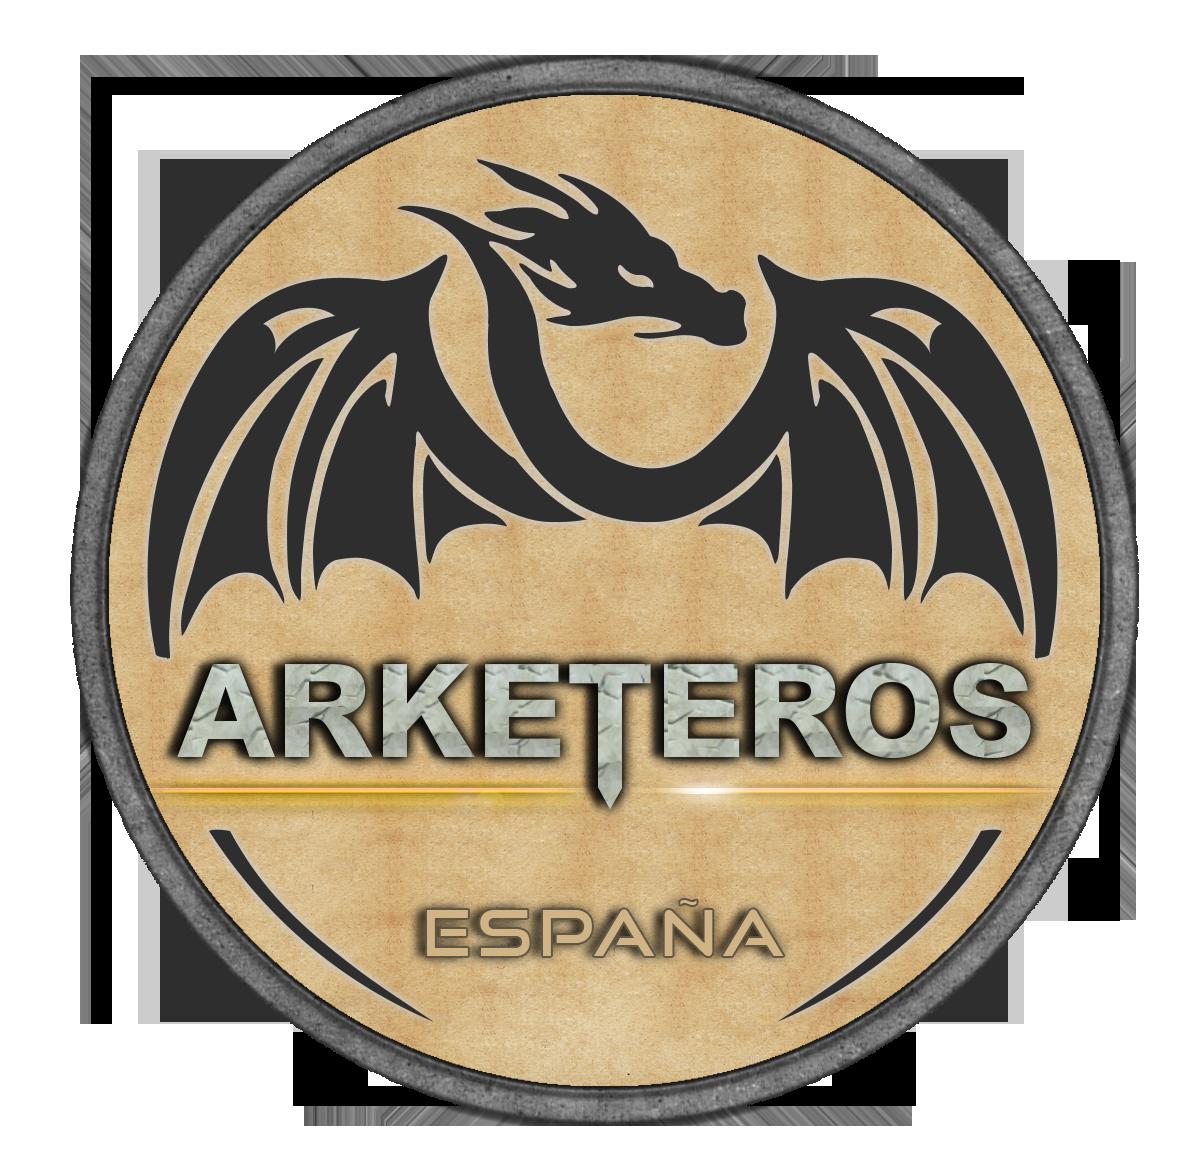 Arketeros España